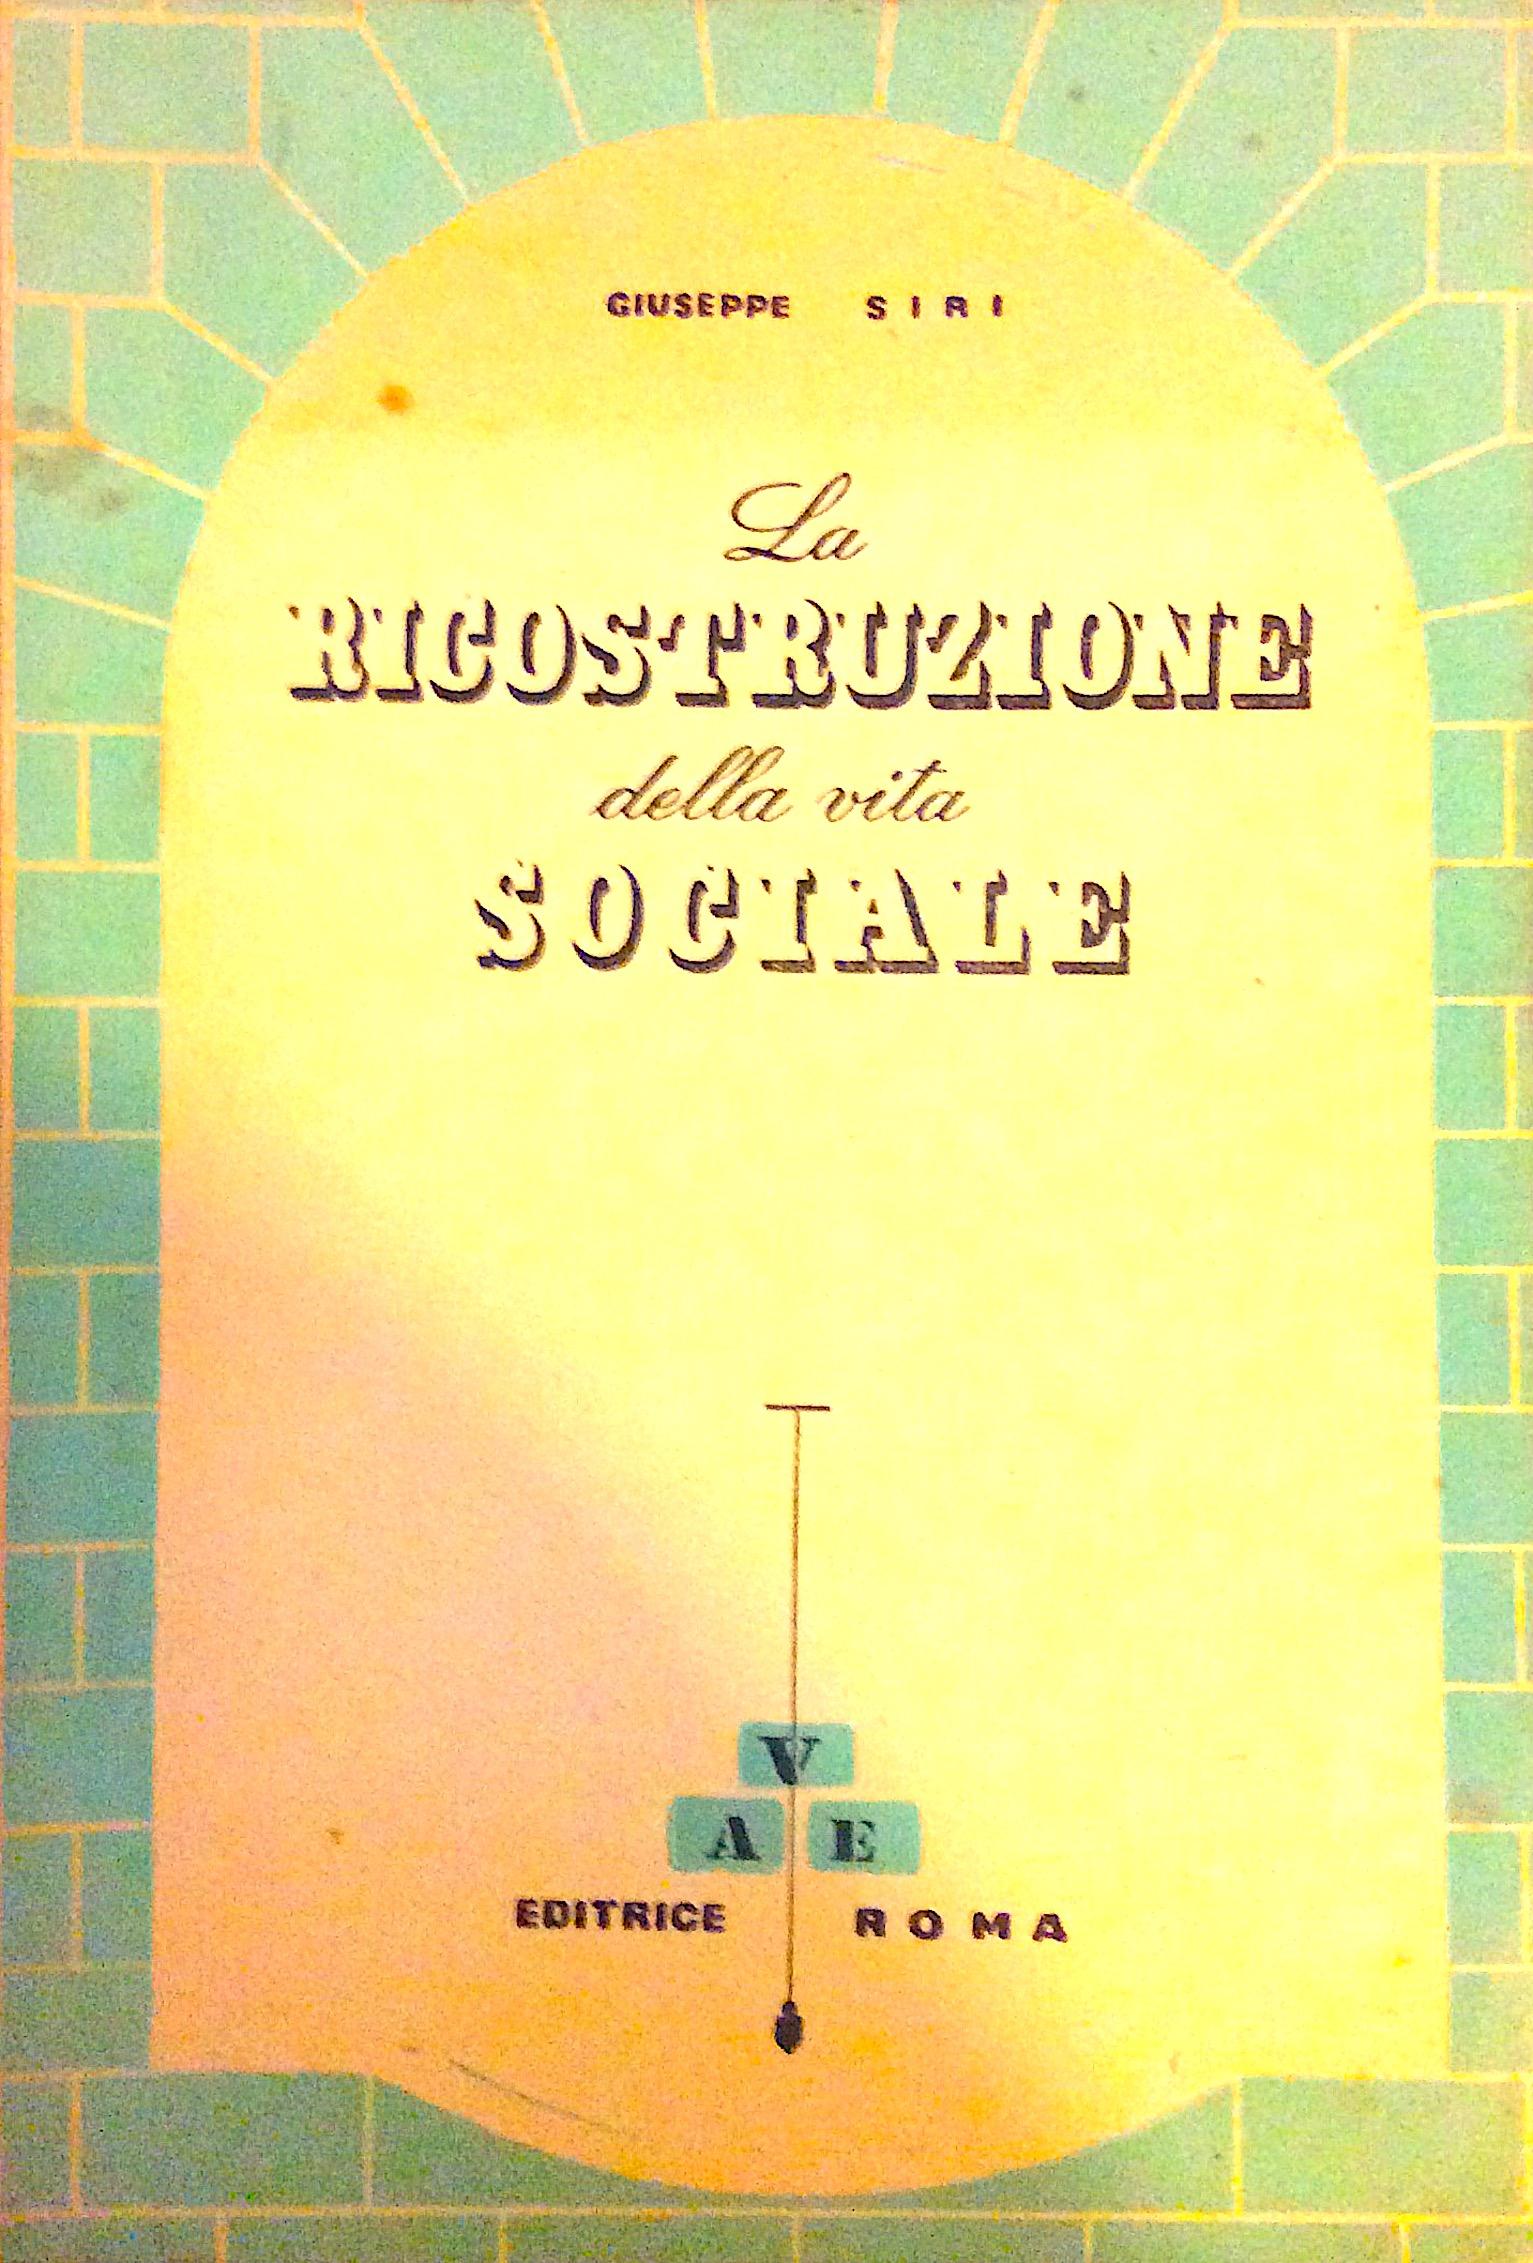 La ricostruzione della vita sociale